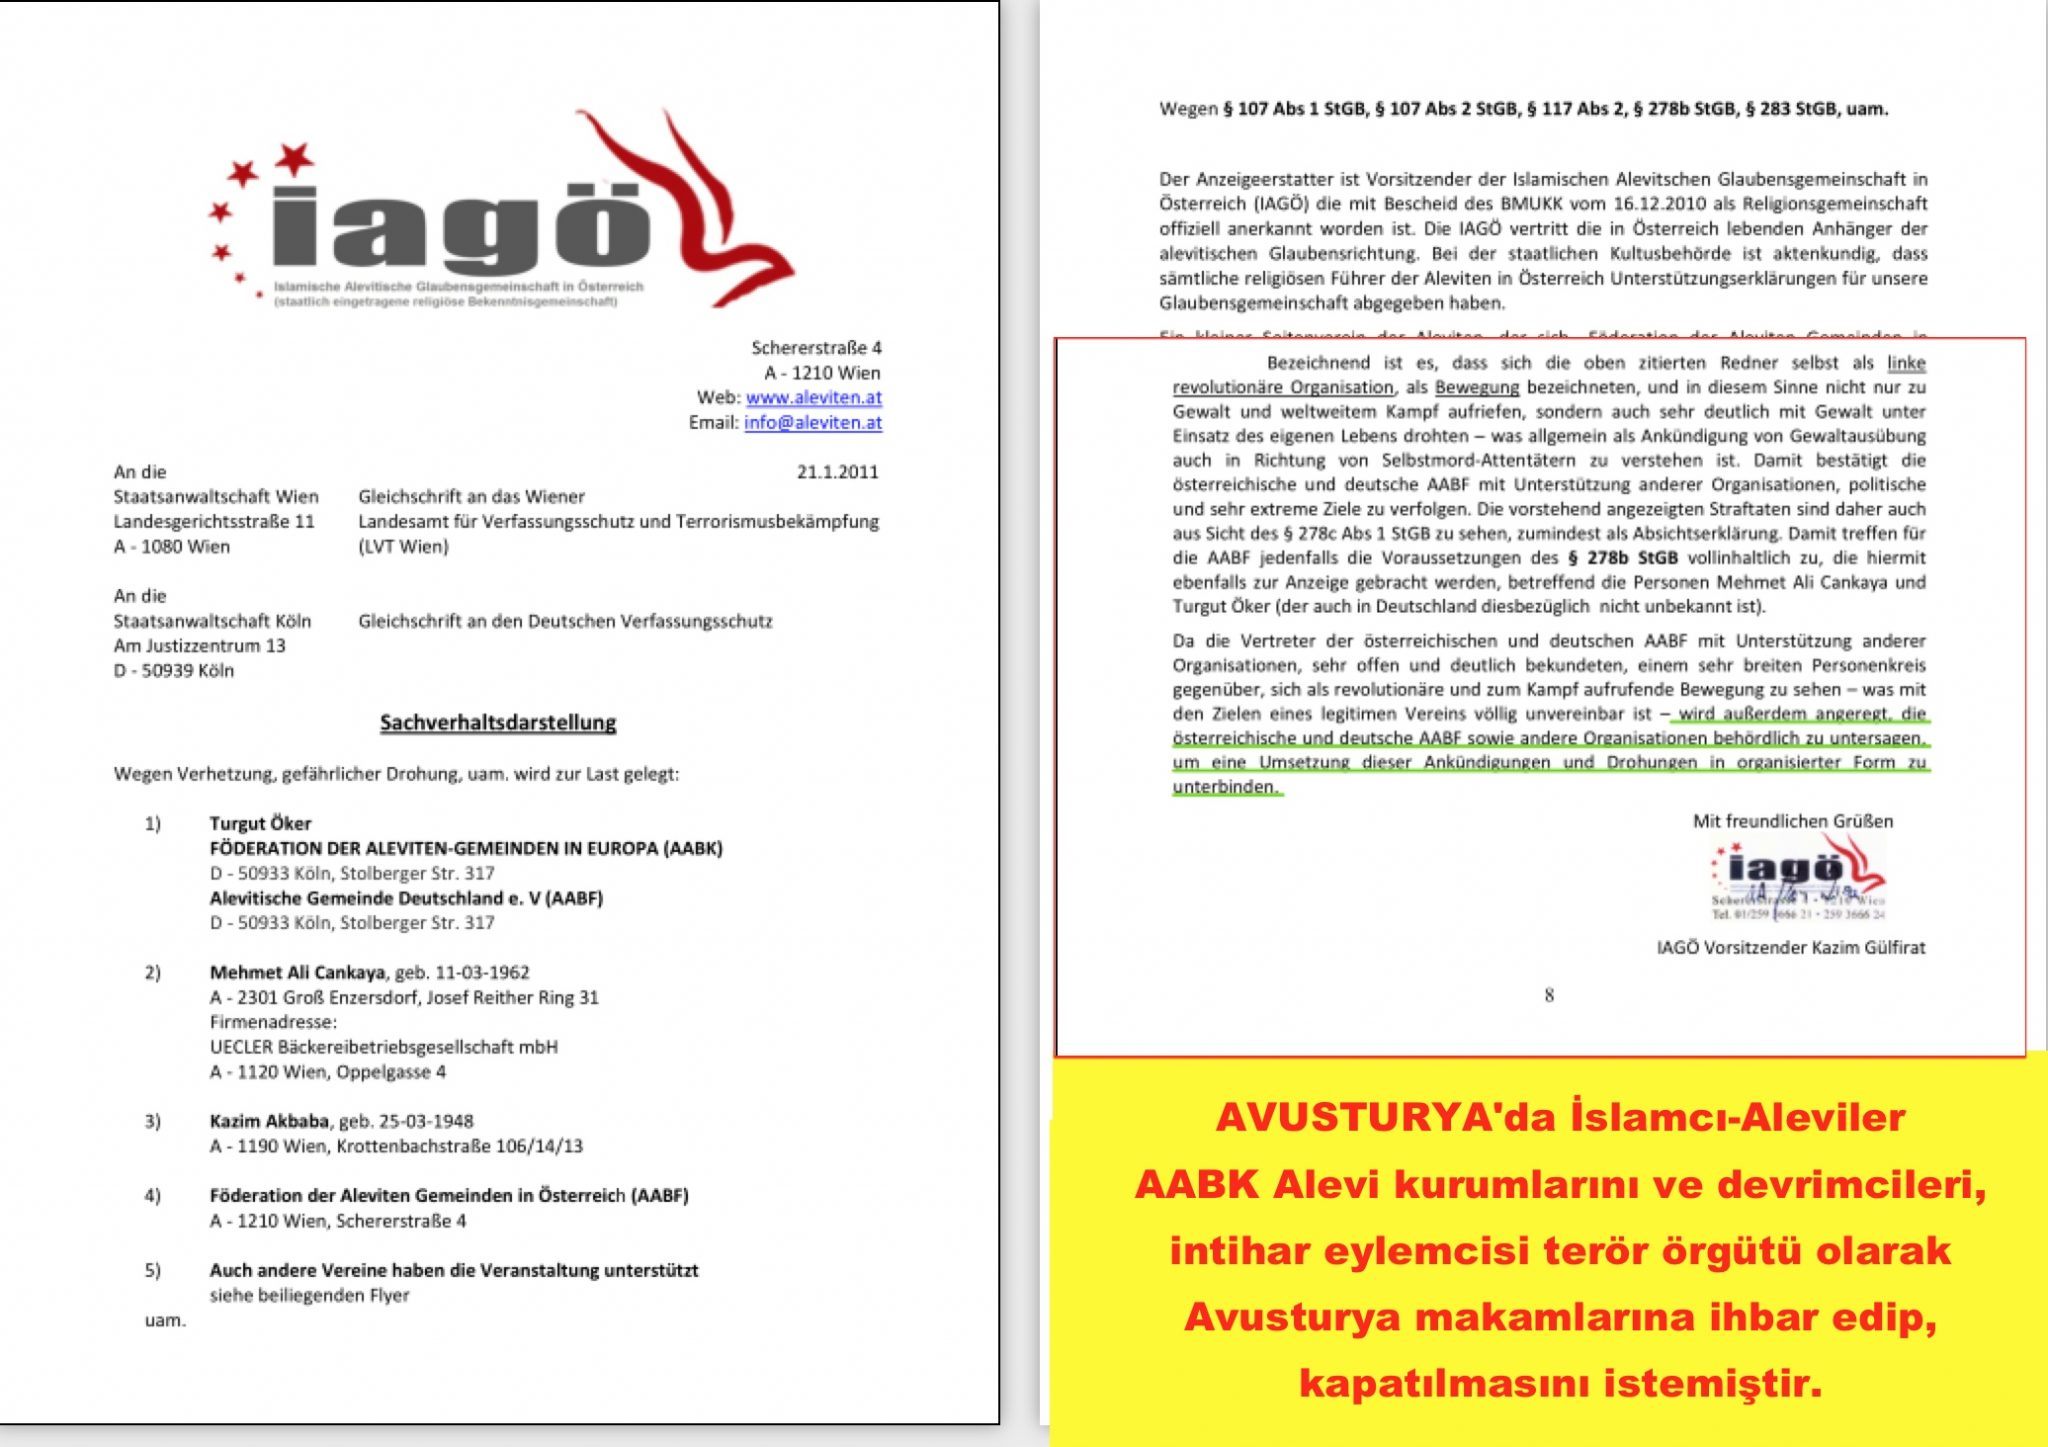 2 Avusturya Alevi islamcı Aleviler  DAB devrimci Aleviler Birliği ihbar almanca terör